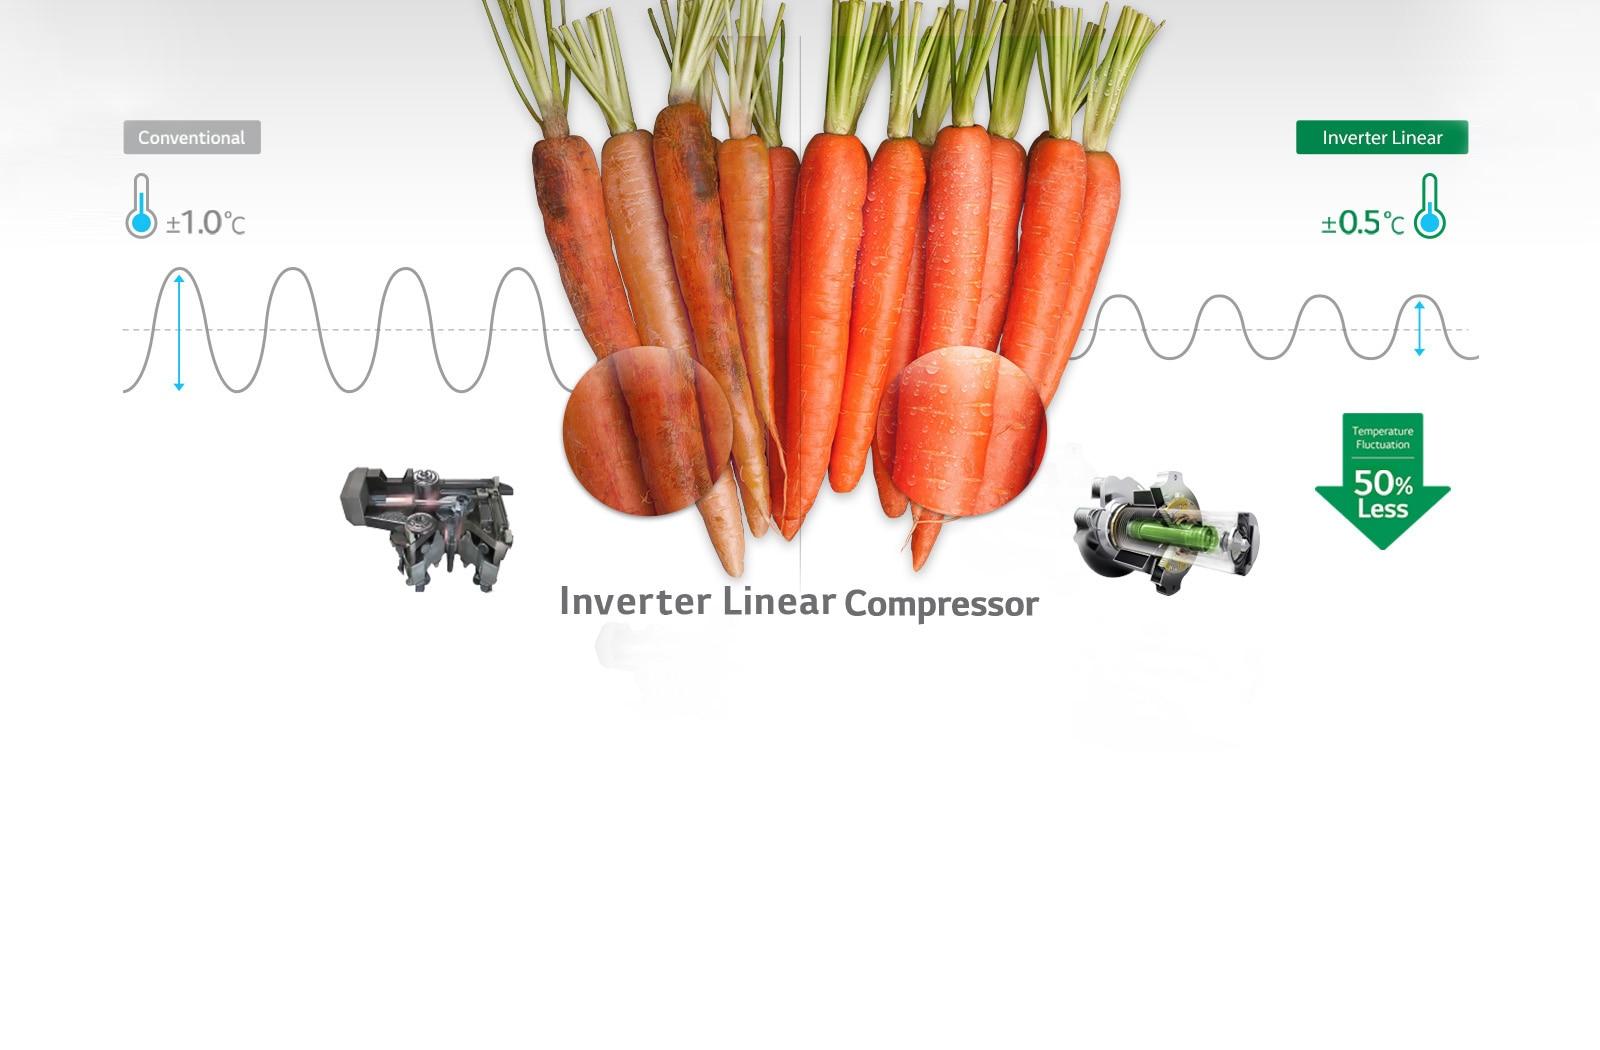 LG GL-T402JPZ3 360 Ltr Inverter Linear Compressor